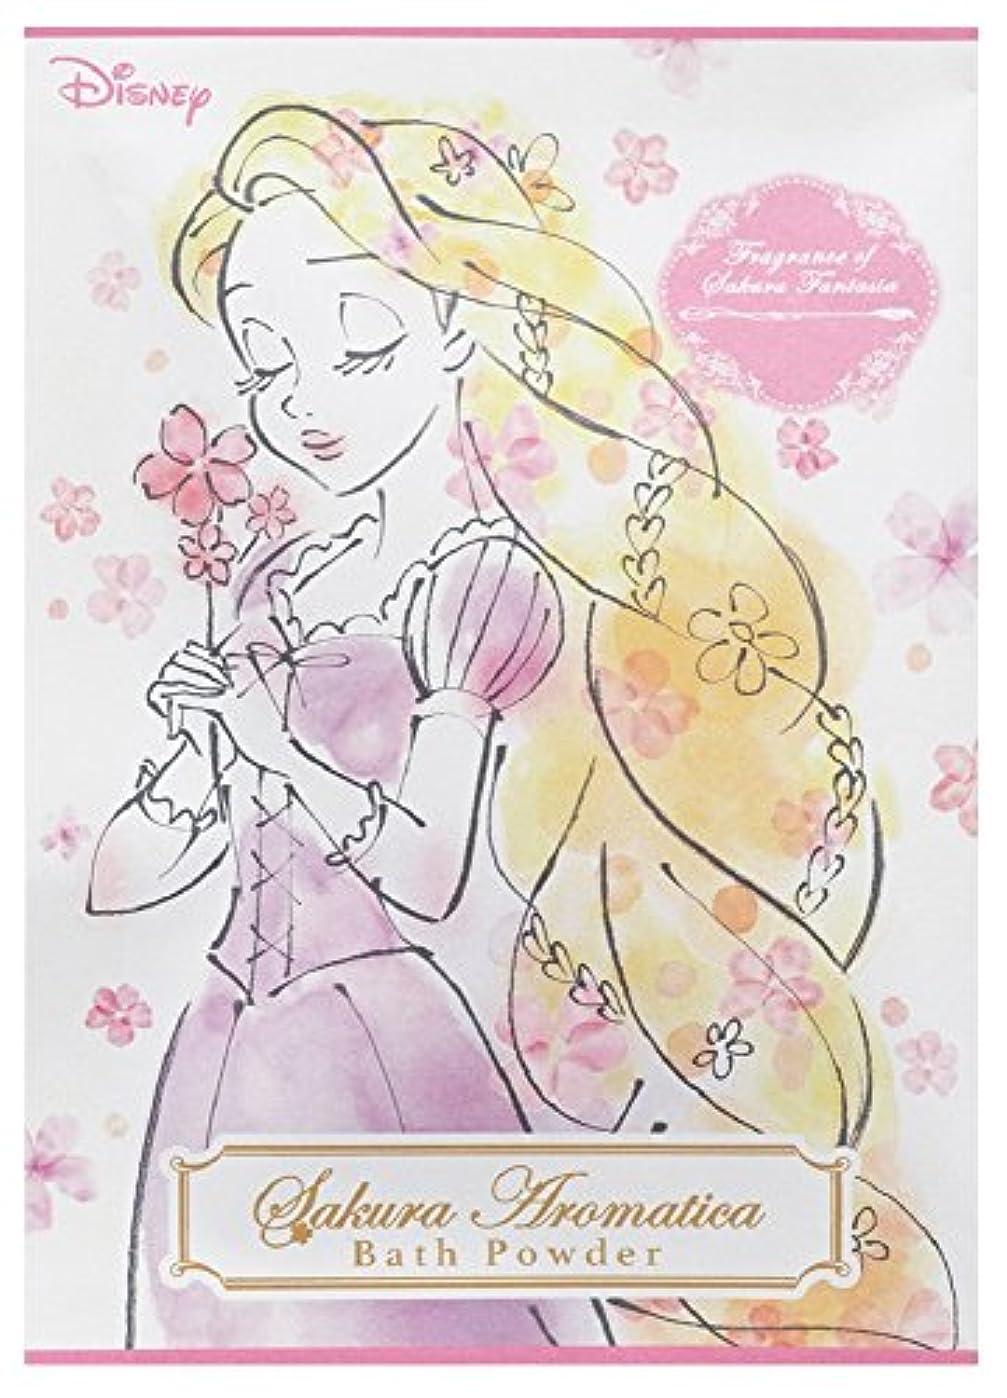 ロデオ逸脱氏ディズニー 入浴剤 バスパウダー ラプンツェル サクラアロマティカ 桜の香り 40g DIT-5-02